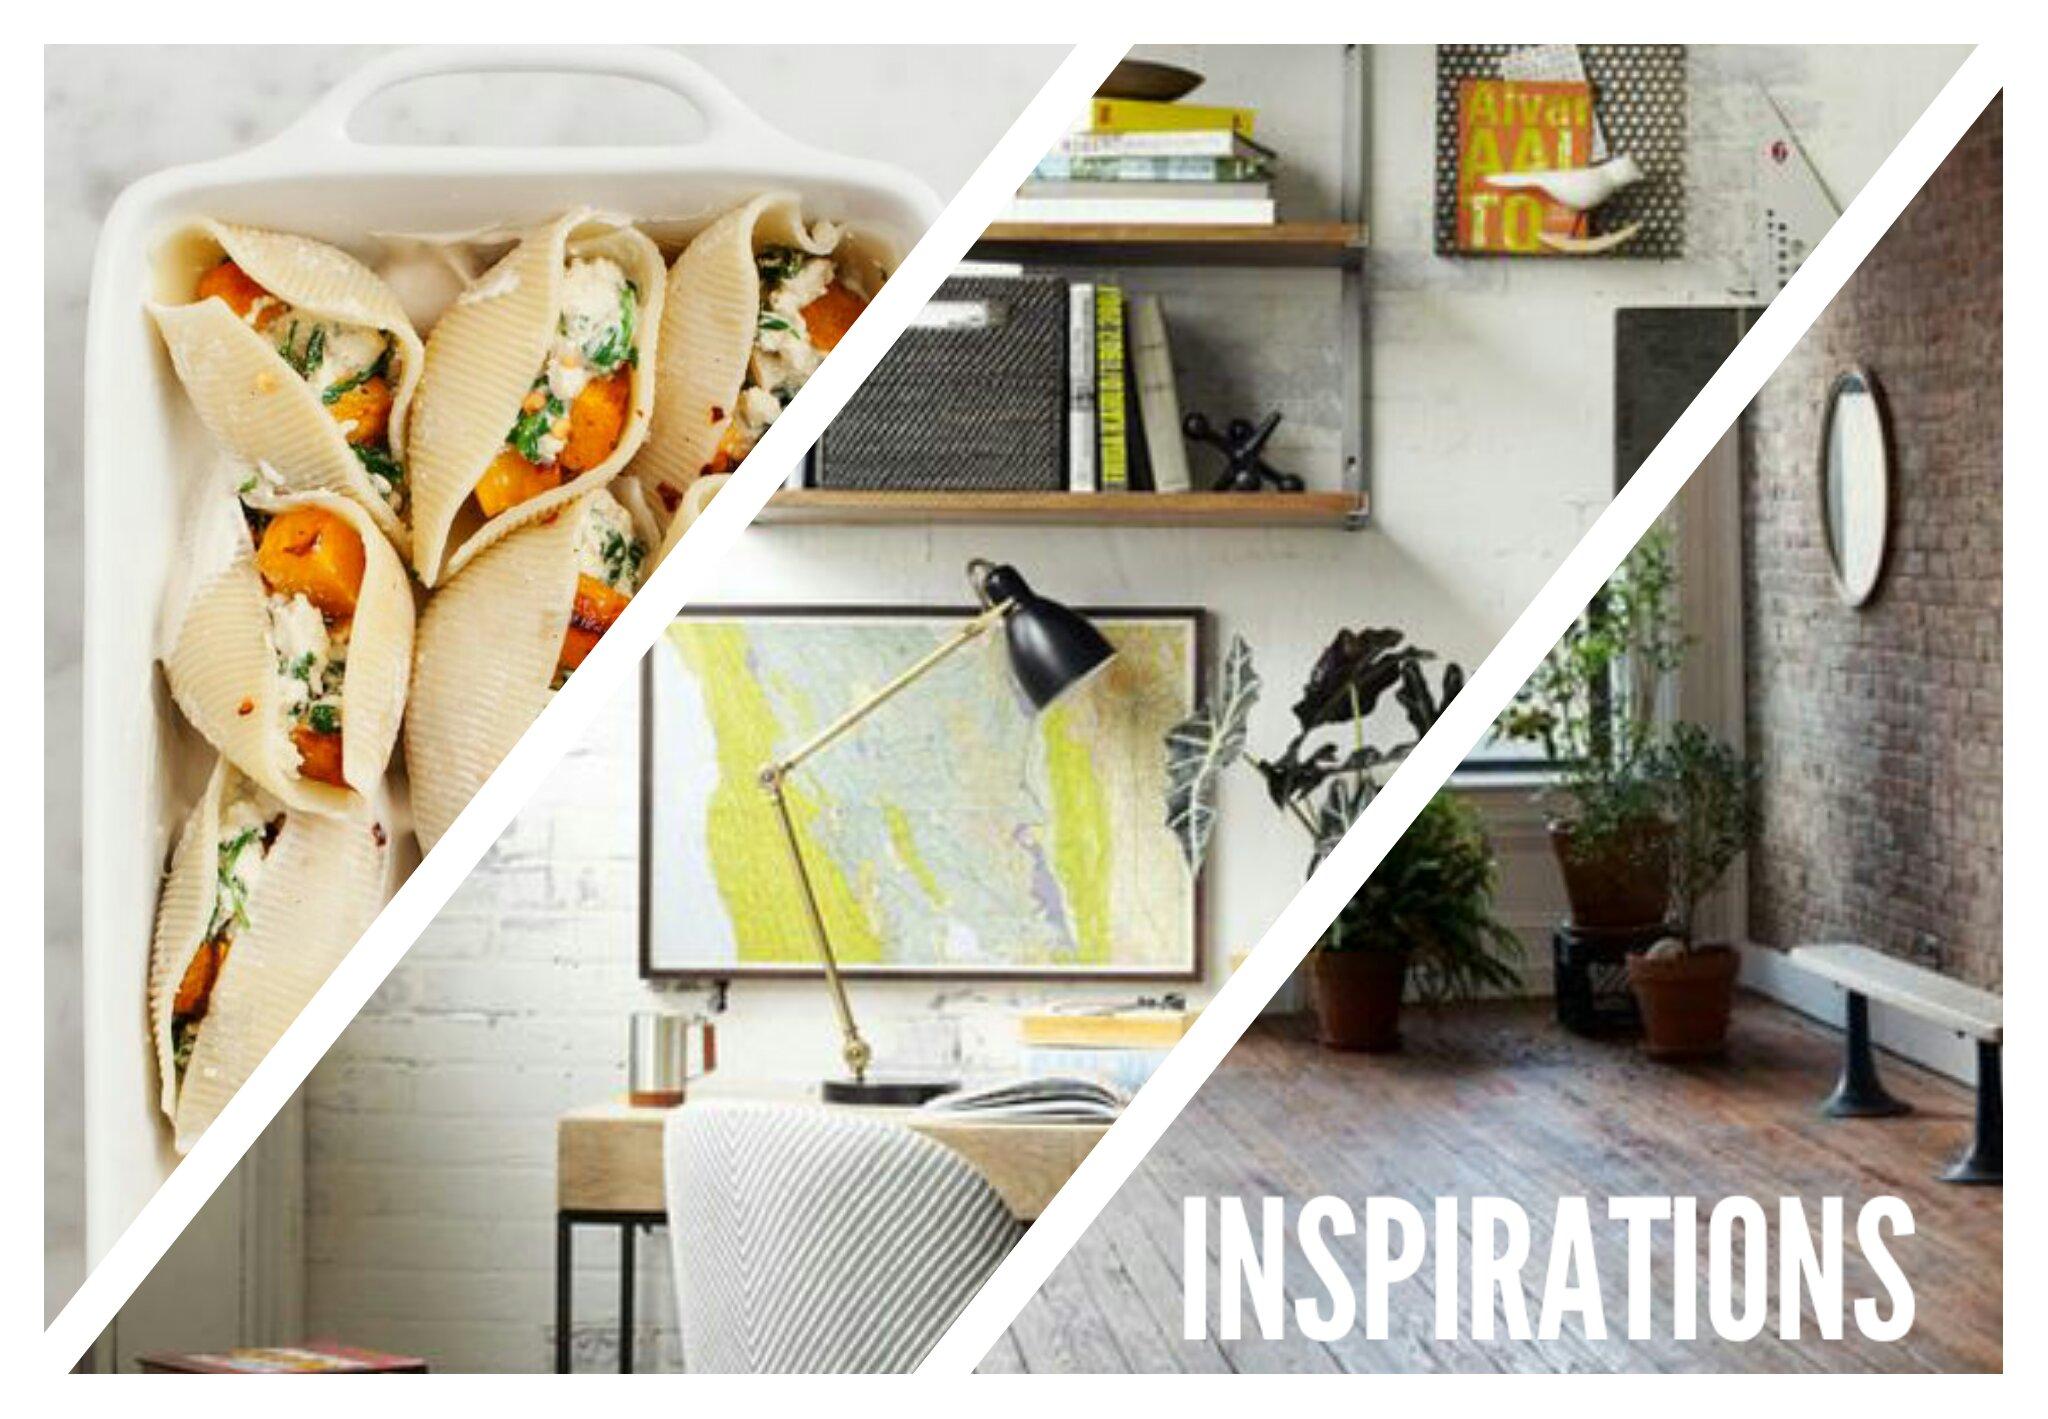 ruedelindustrie_inspiration_fev